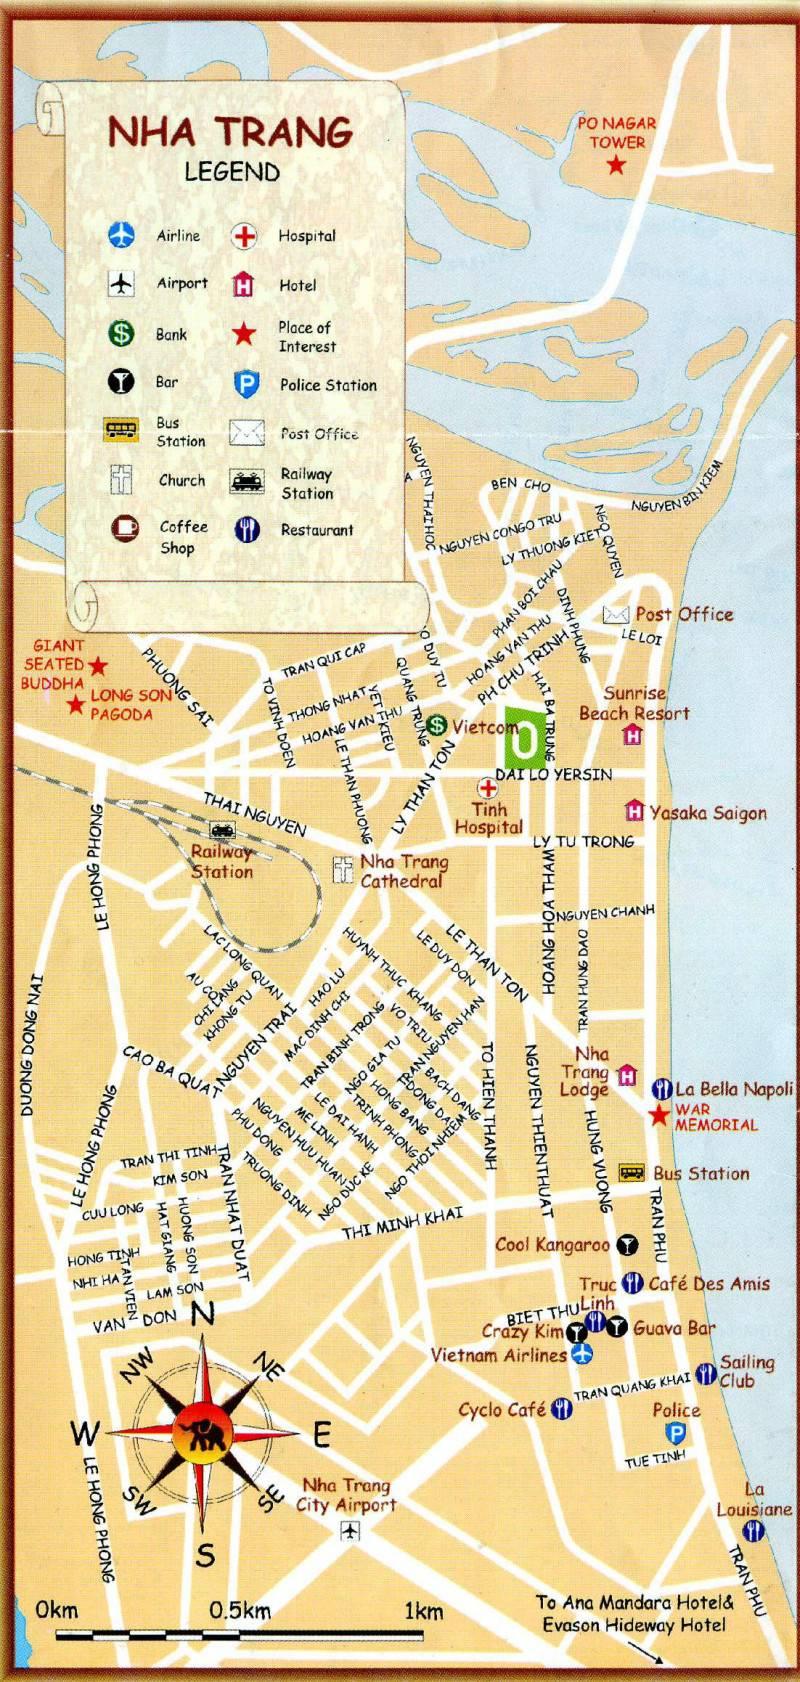 это благодаря вьетнам отель мемори нха транг карта улиц становится